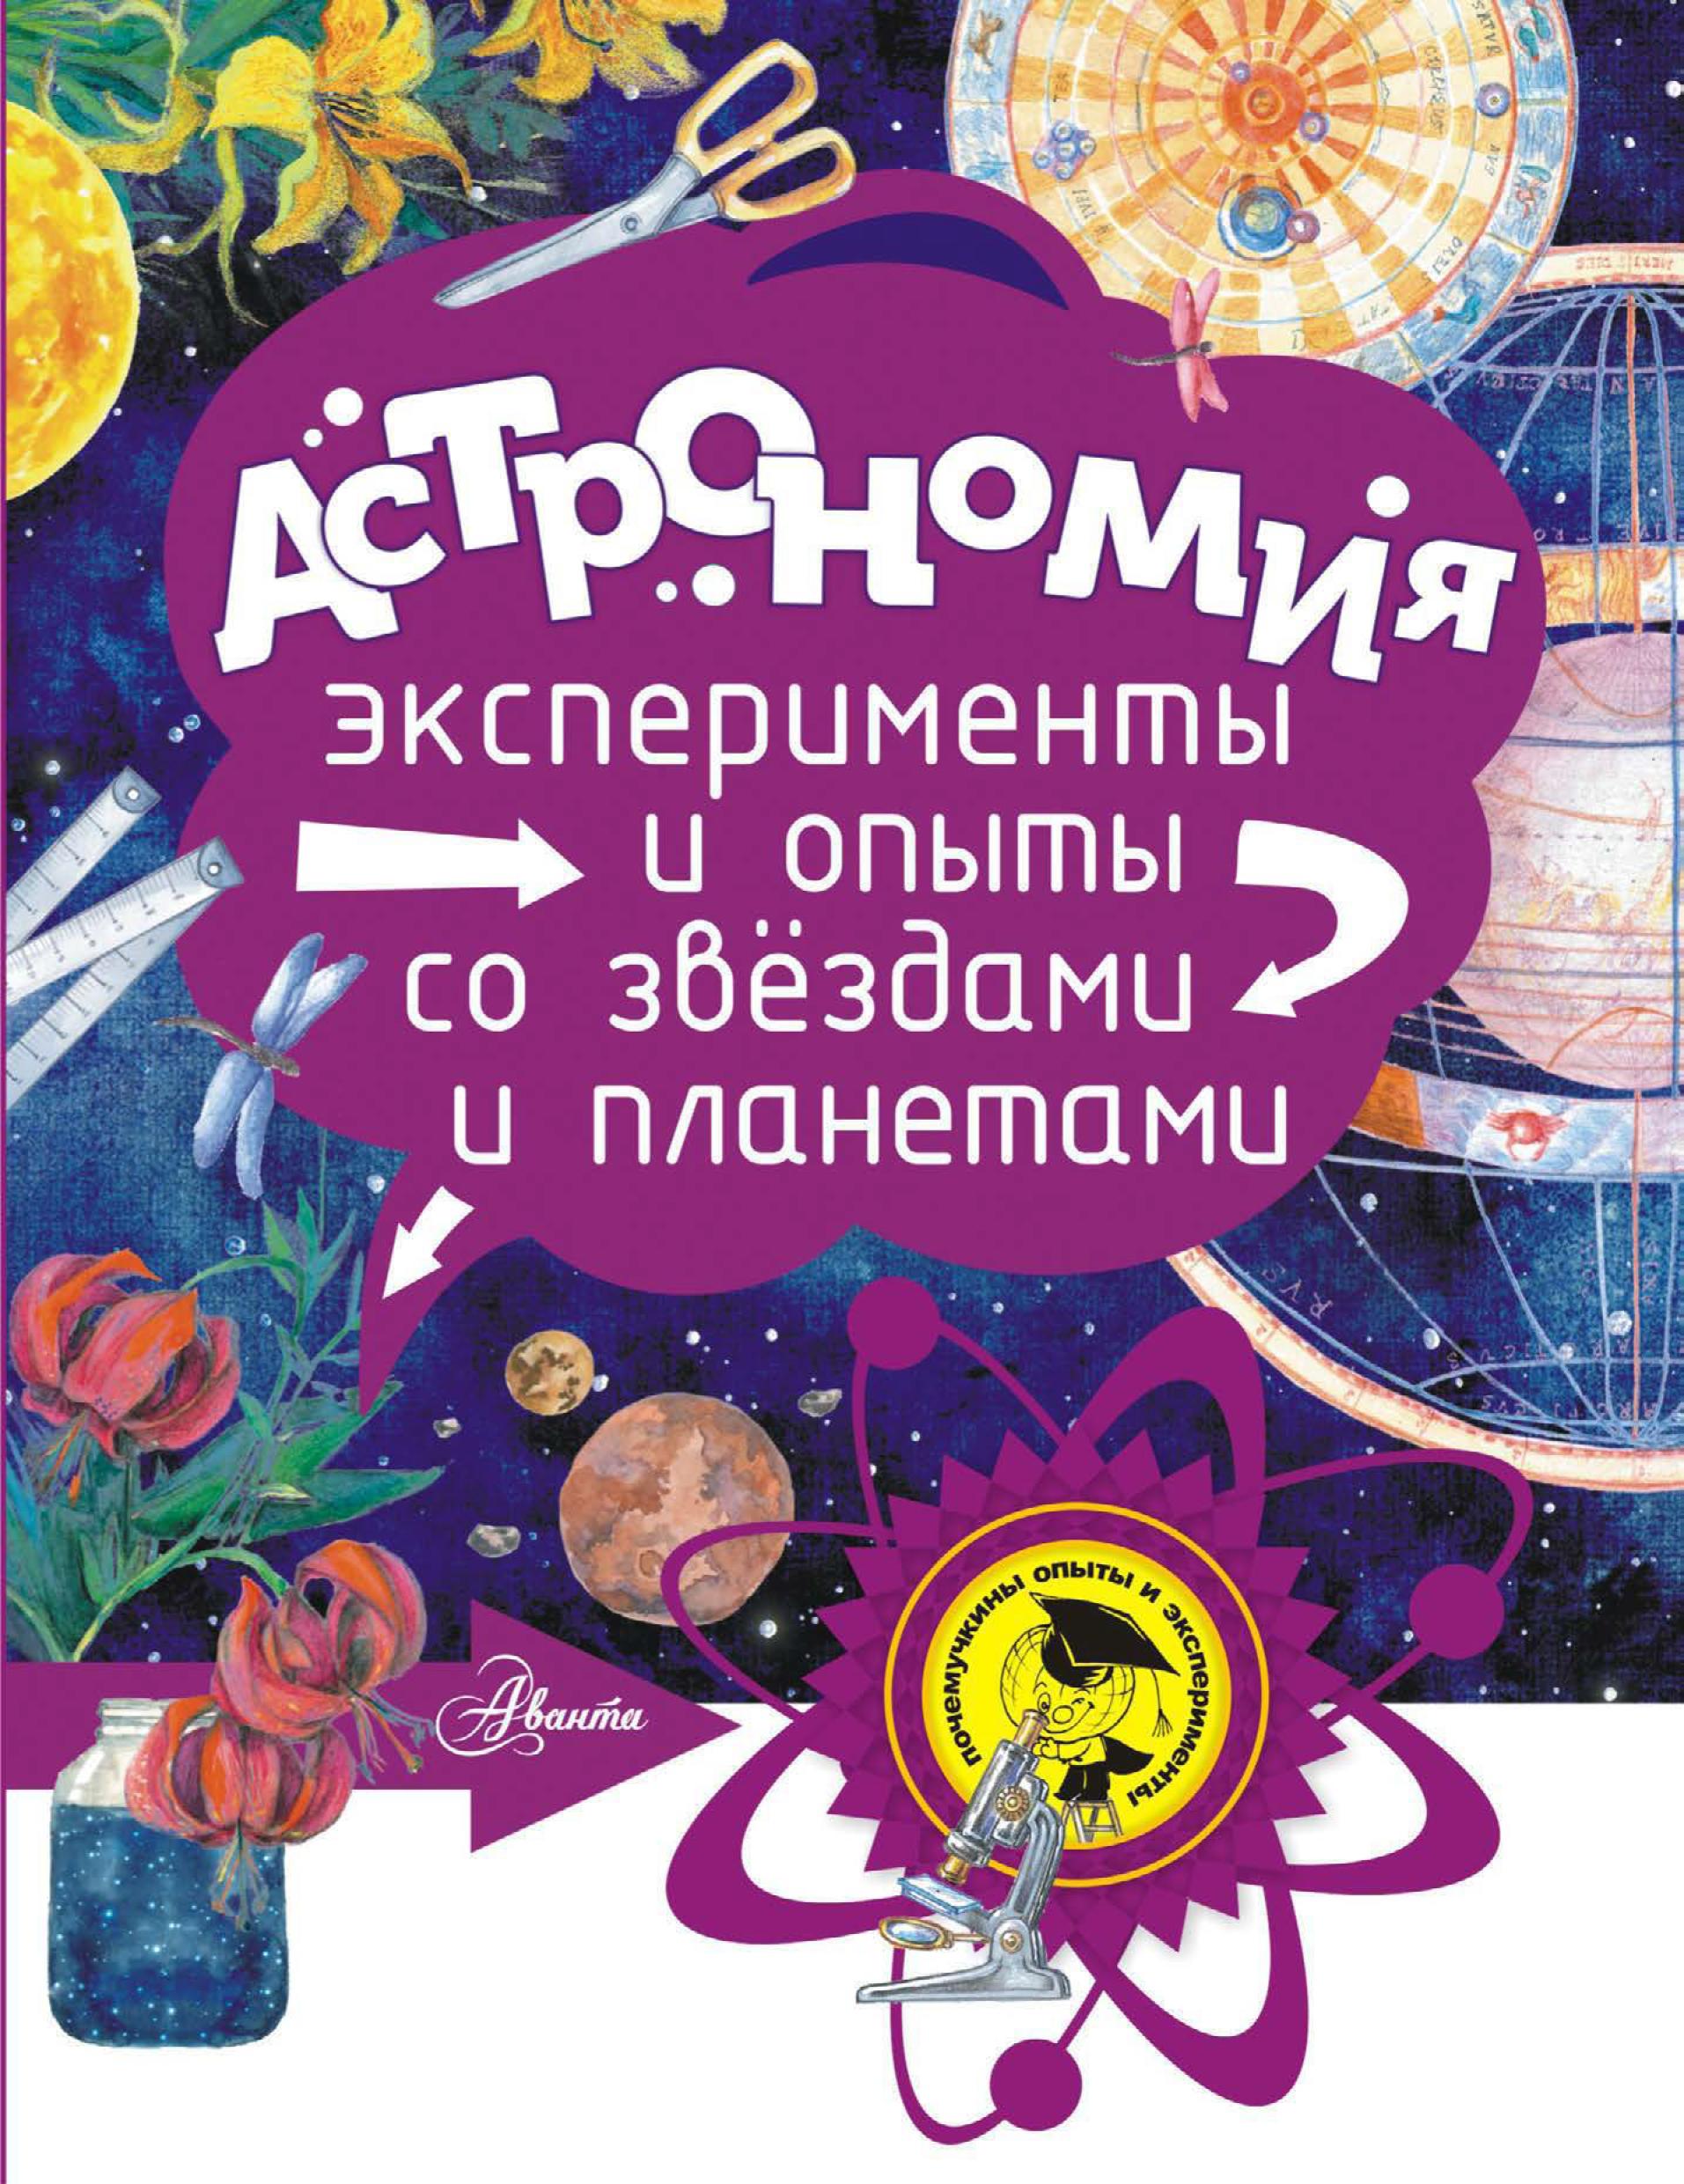 Оксана Абрамова Астрономия оксана абрамова вселенная